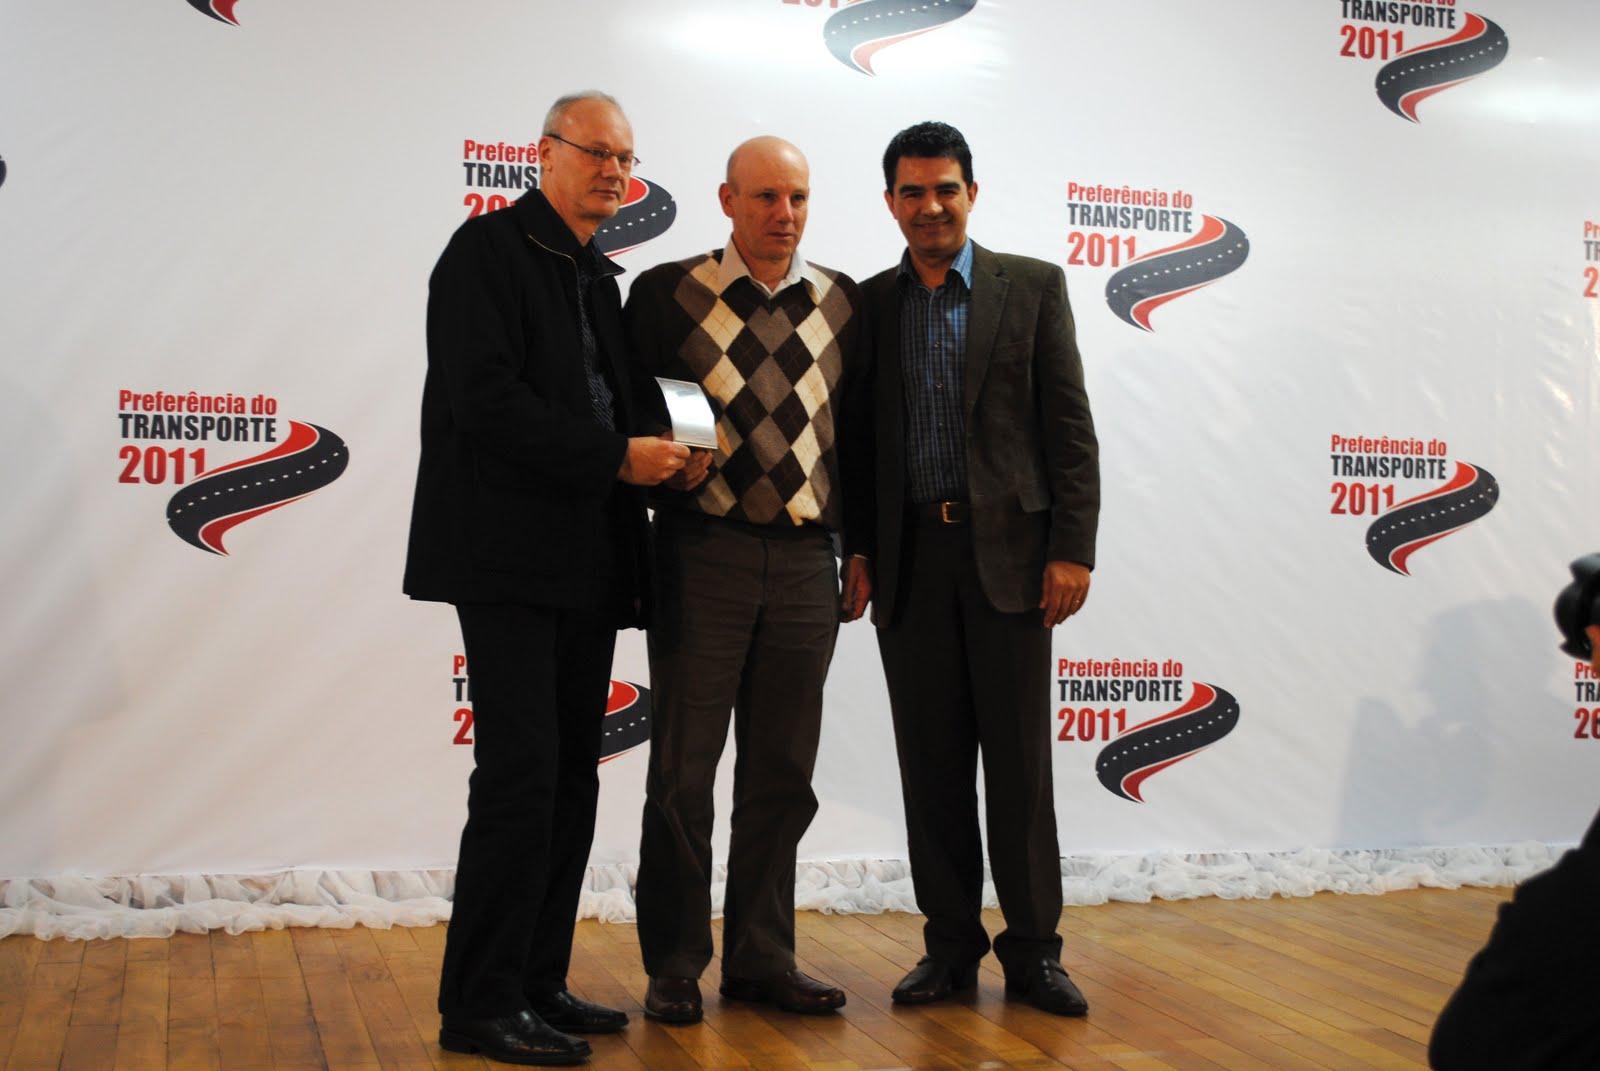 Carboni conquista 4 prêmios de Preferência do Transporte em Videira DSC 2179